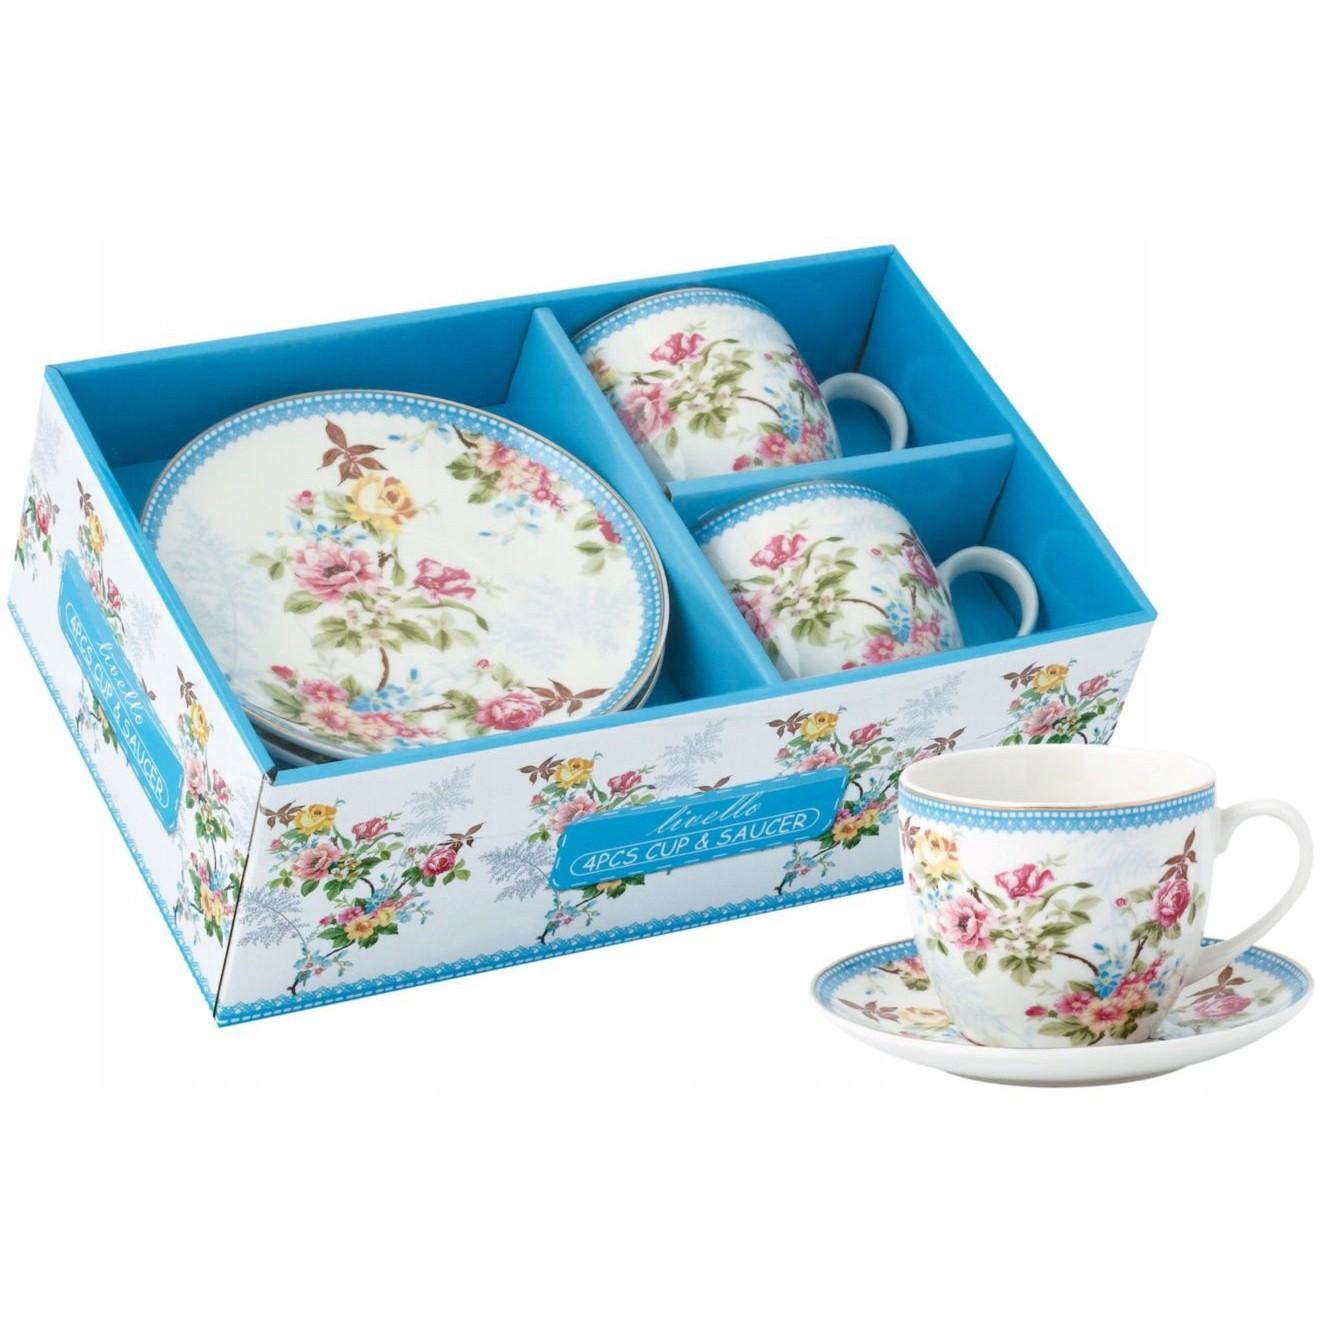 šálky na kávu čaj s talířky 2ks 250ml kvety záhrada megamix.shop